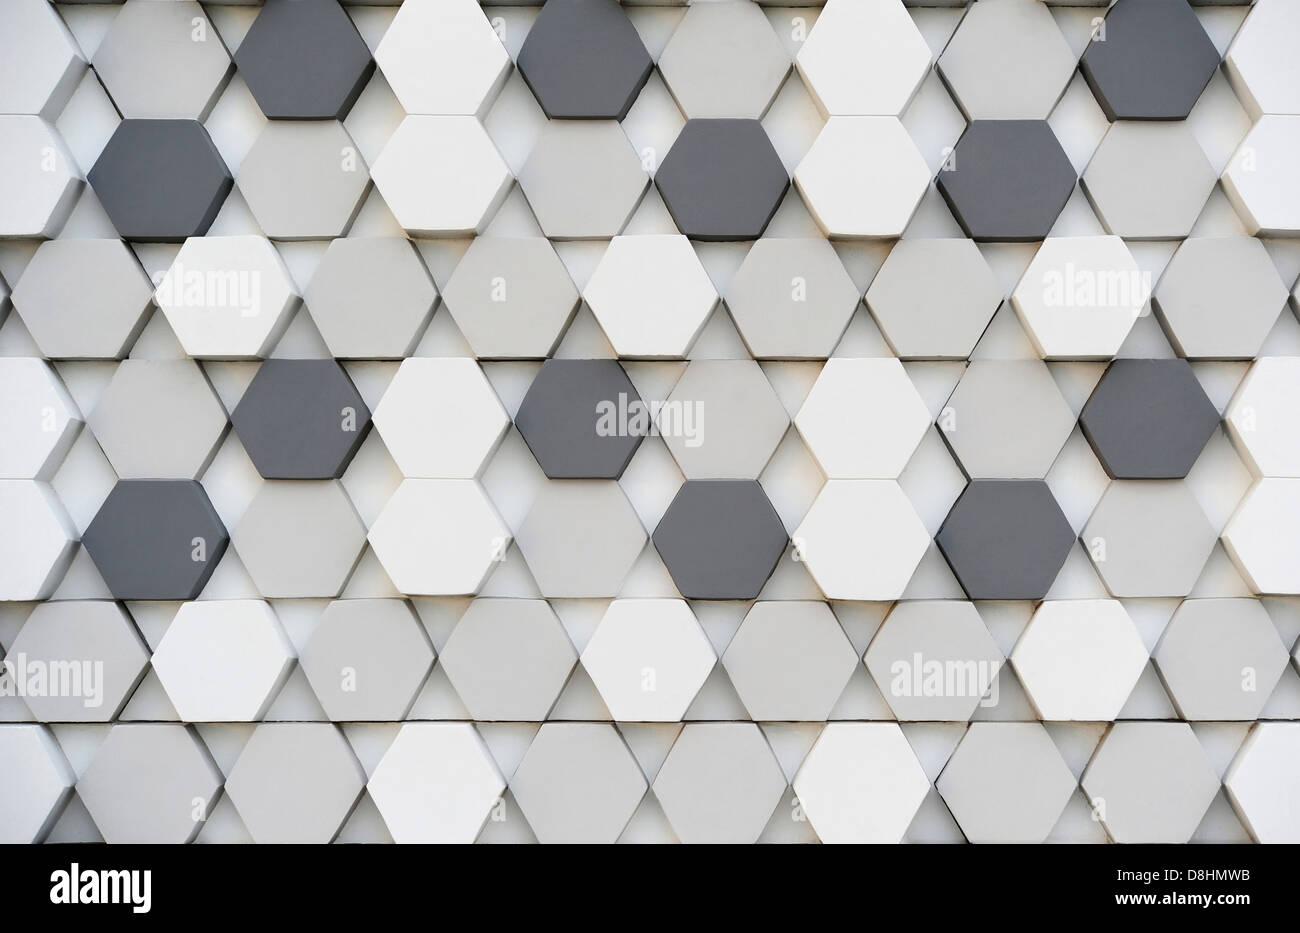 Sechseck-Muster Stockbild